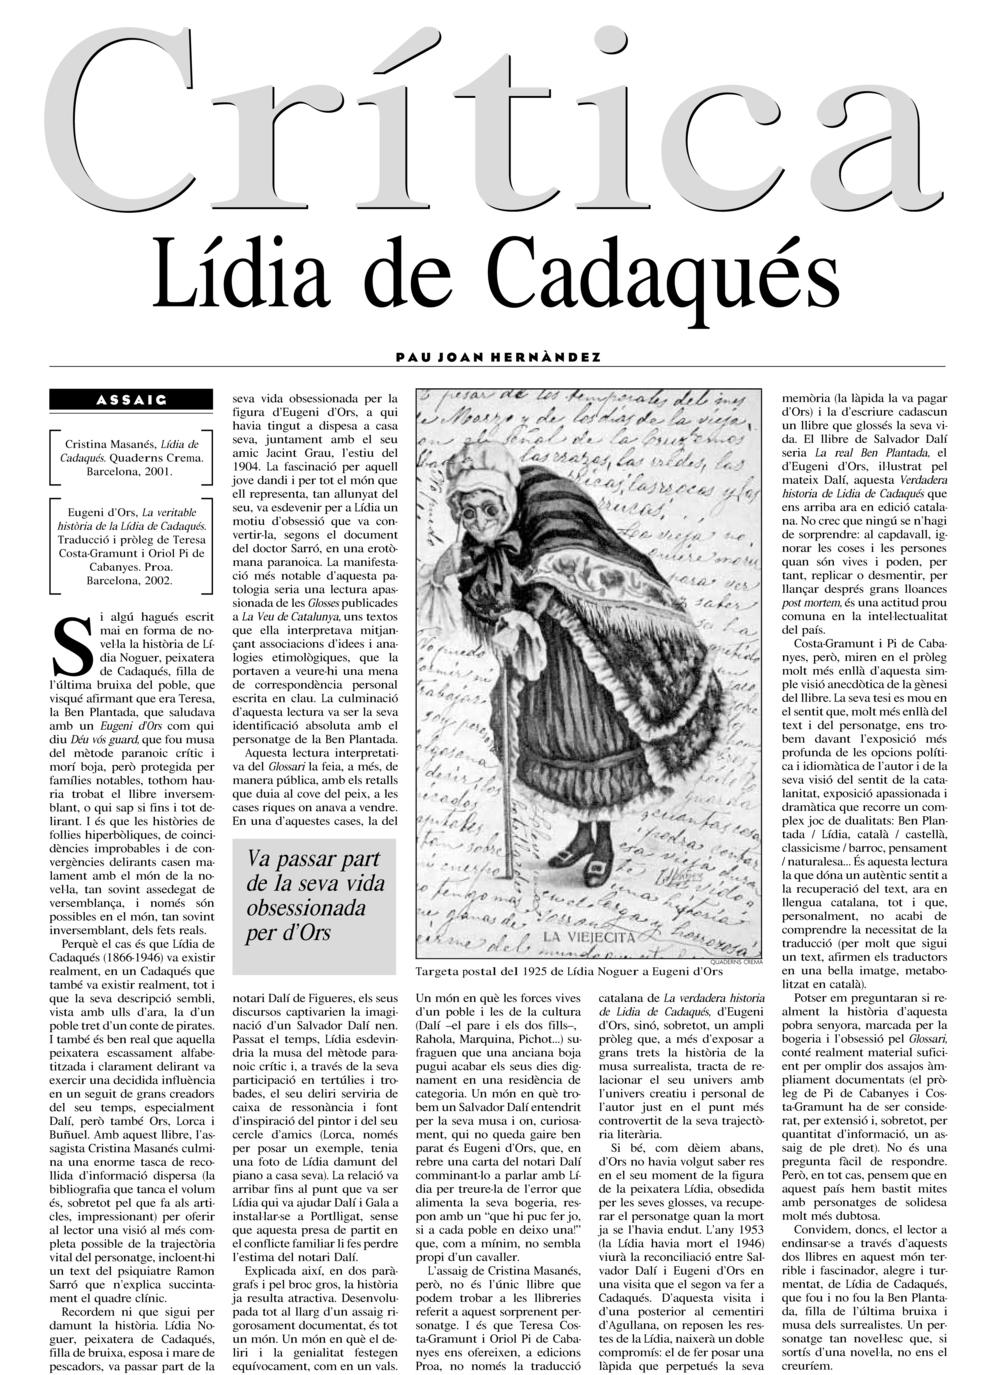 LídiaCadaqués_Avui_PauJoanHdez.jpg